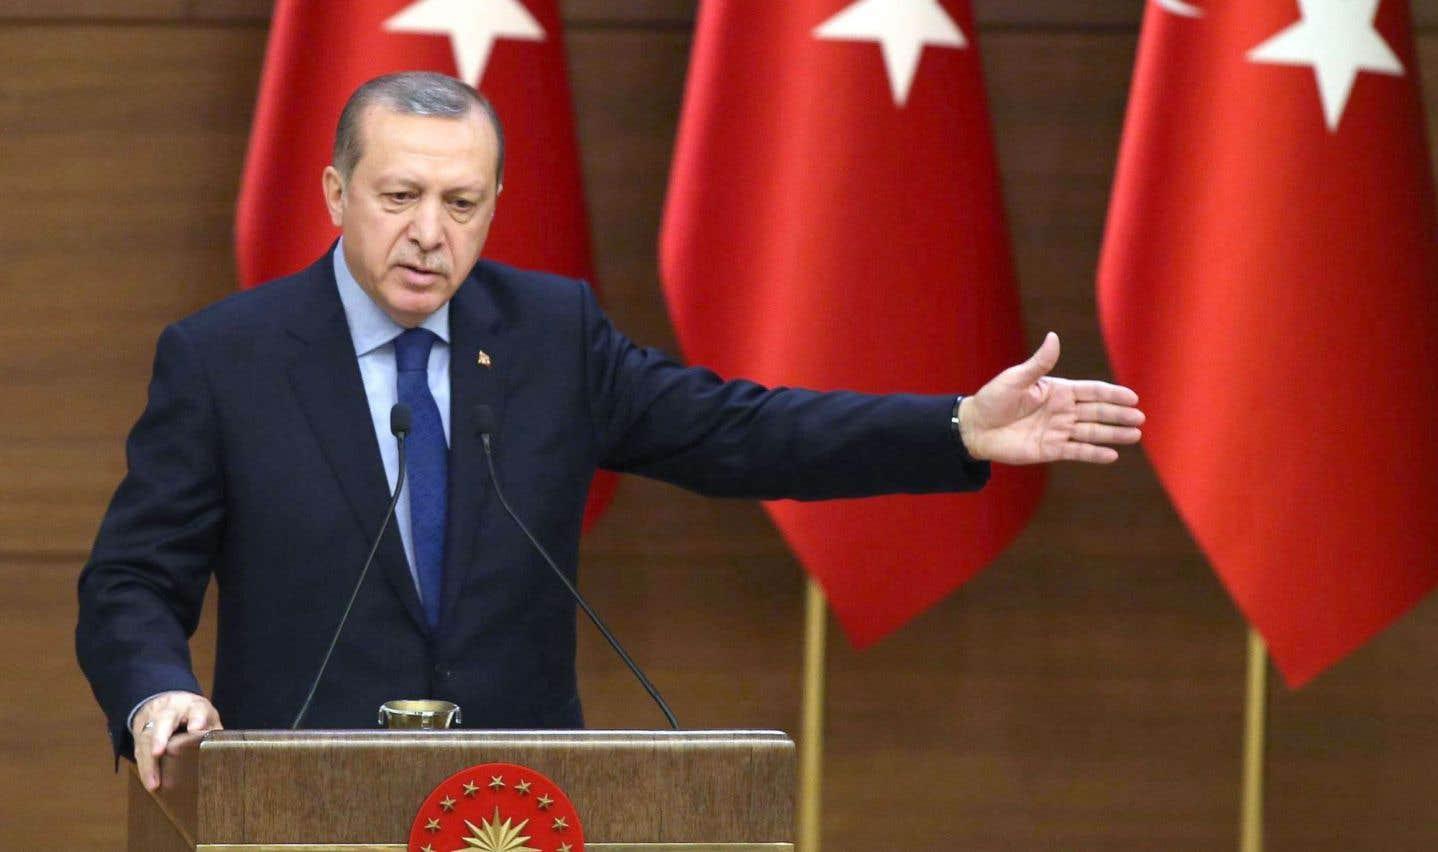 L'essor «des populismes» risque de nourrir la corruption dans le monde